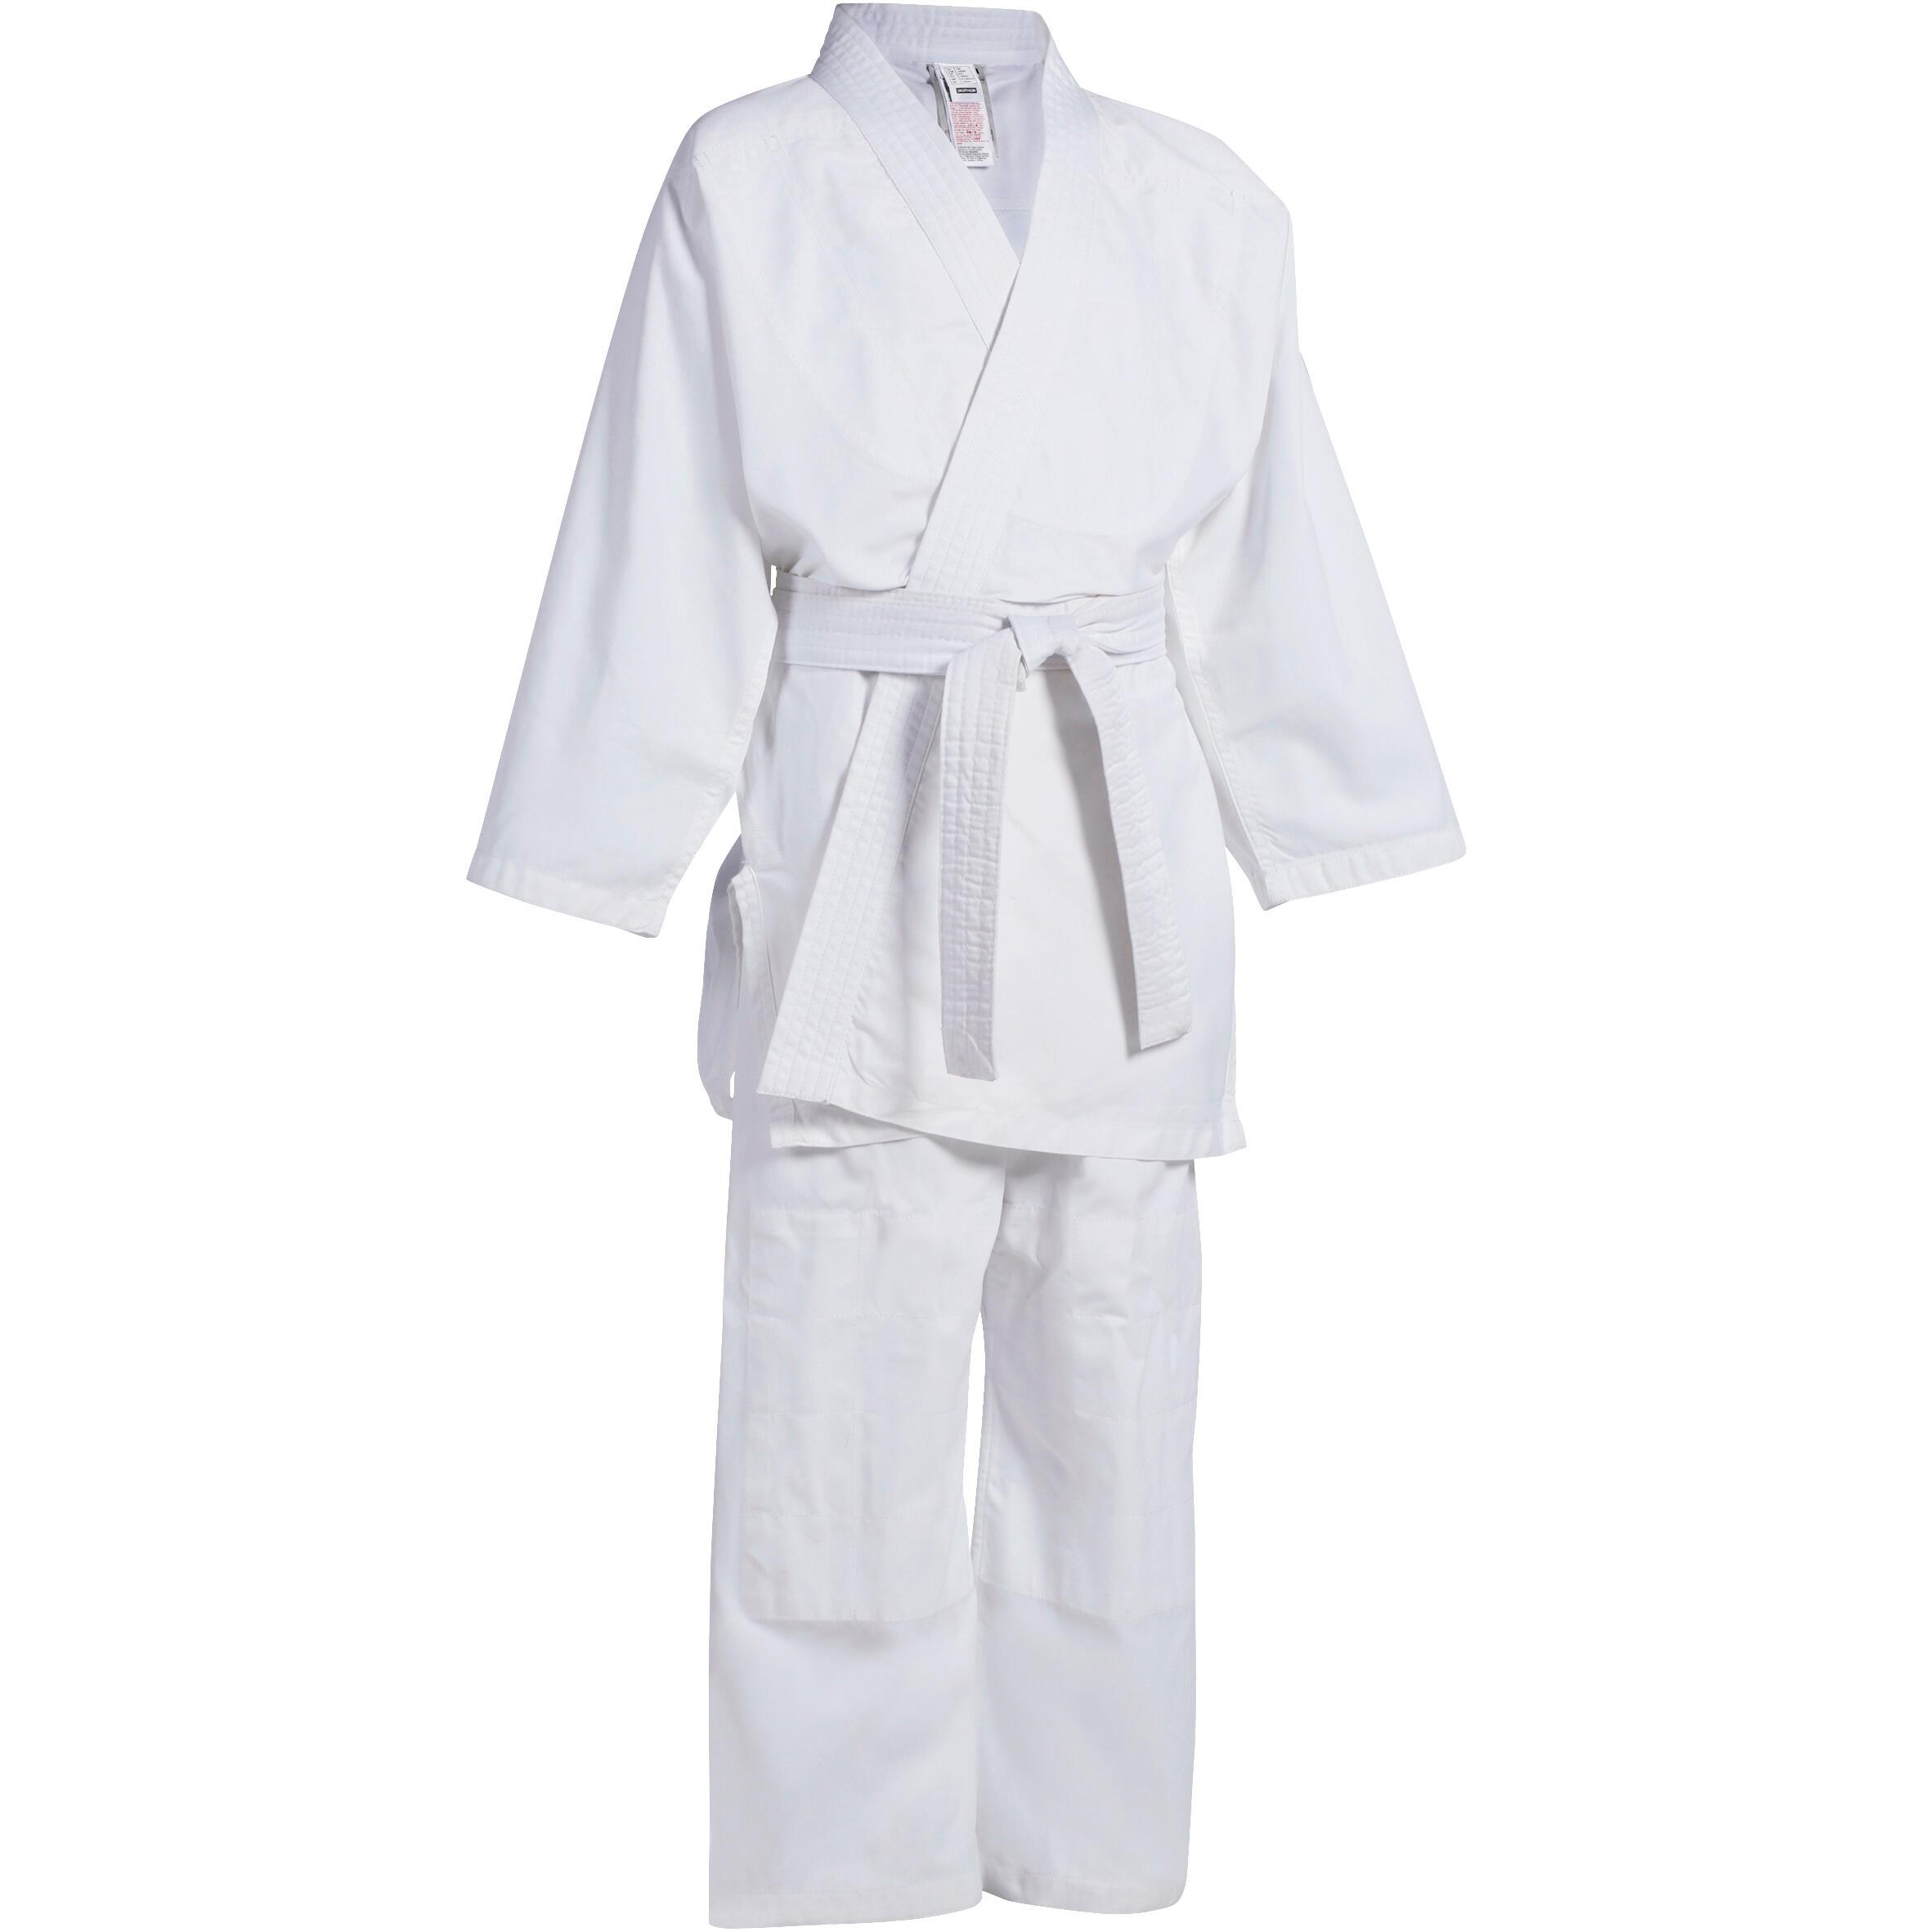 200 Kids' Beginner Judo, Aikido, Jiu Jitsu Gi